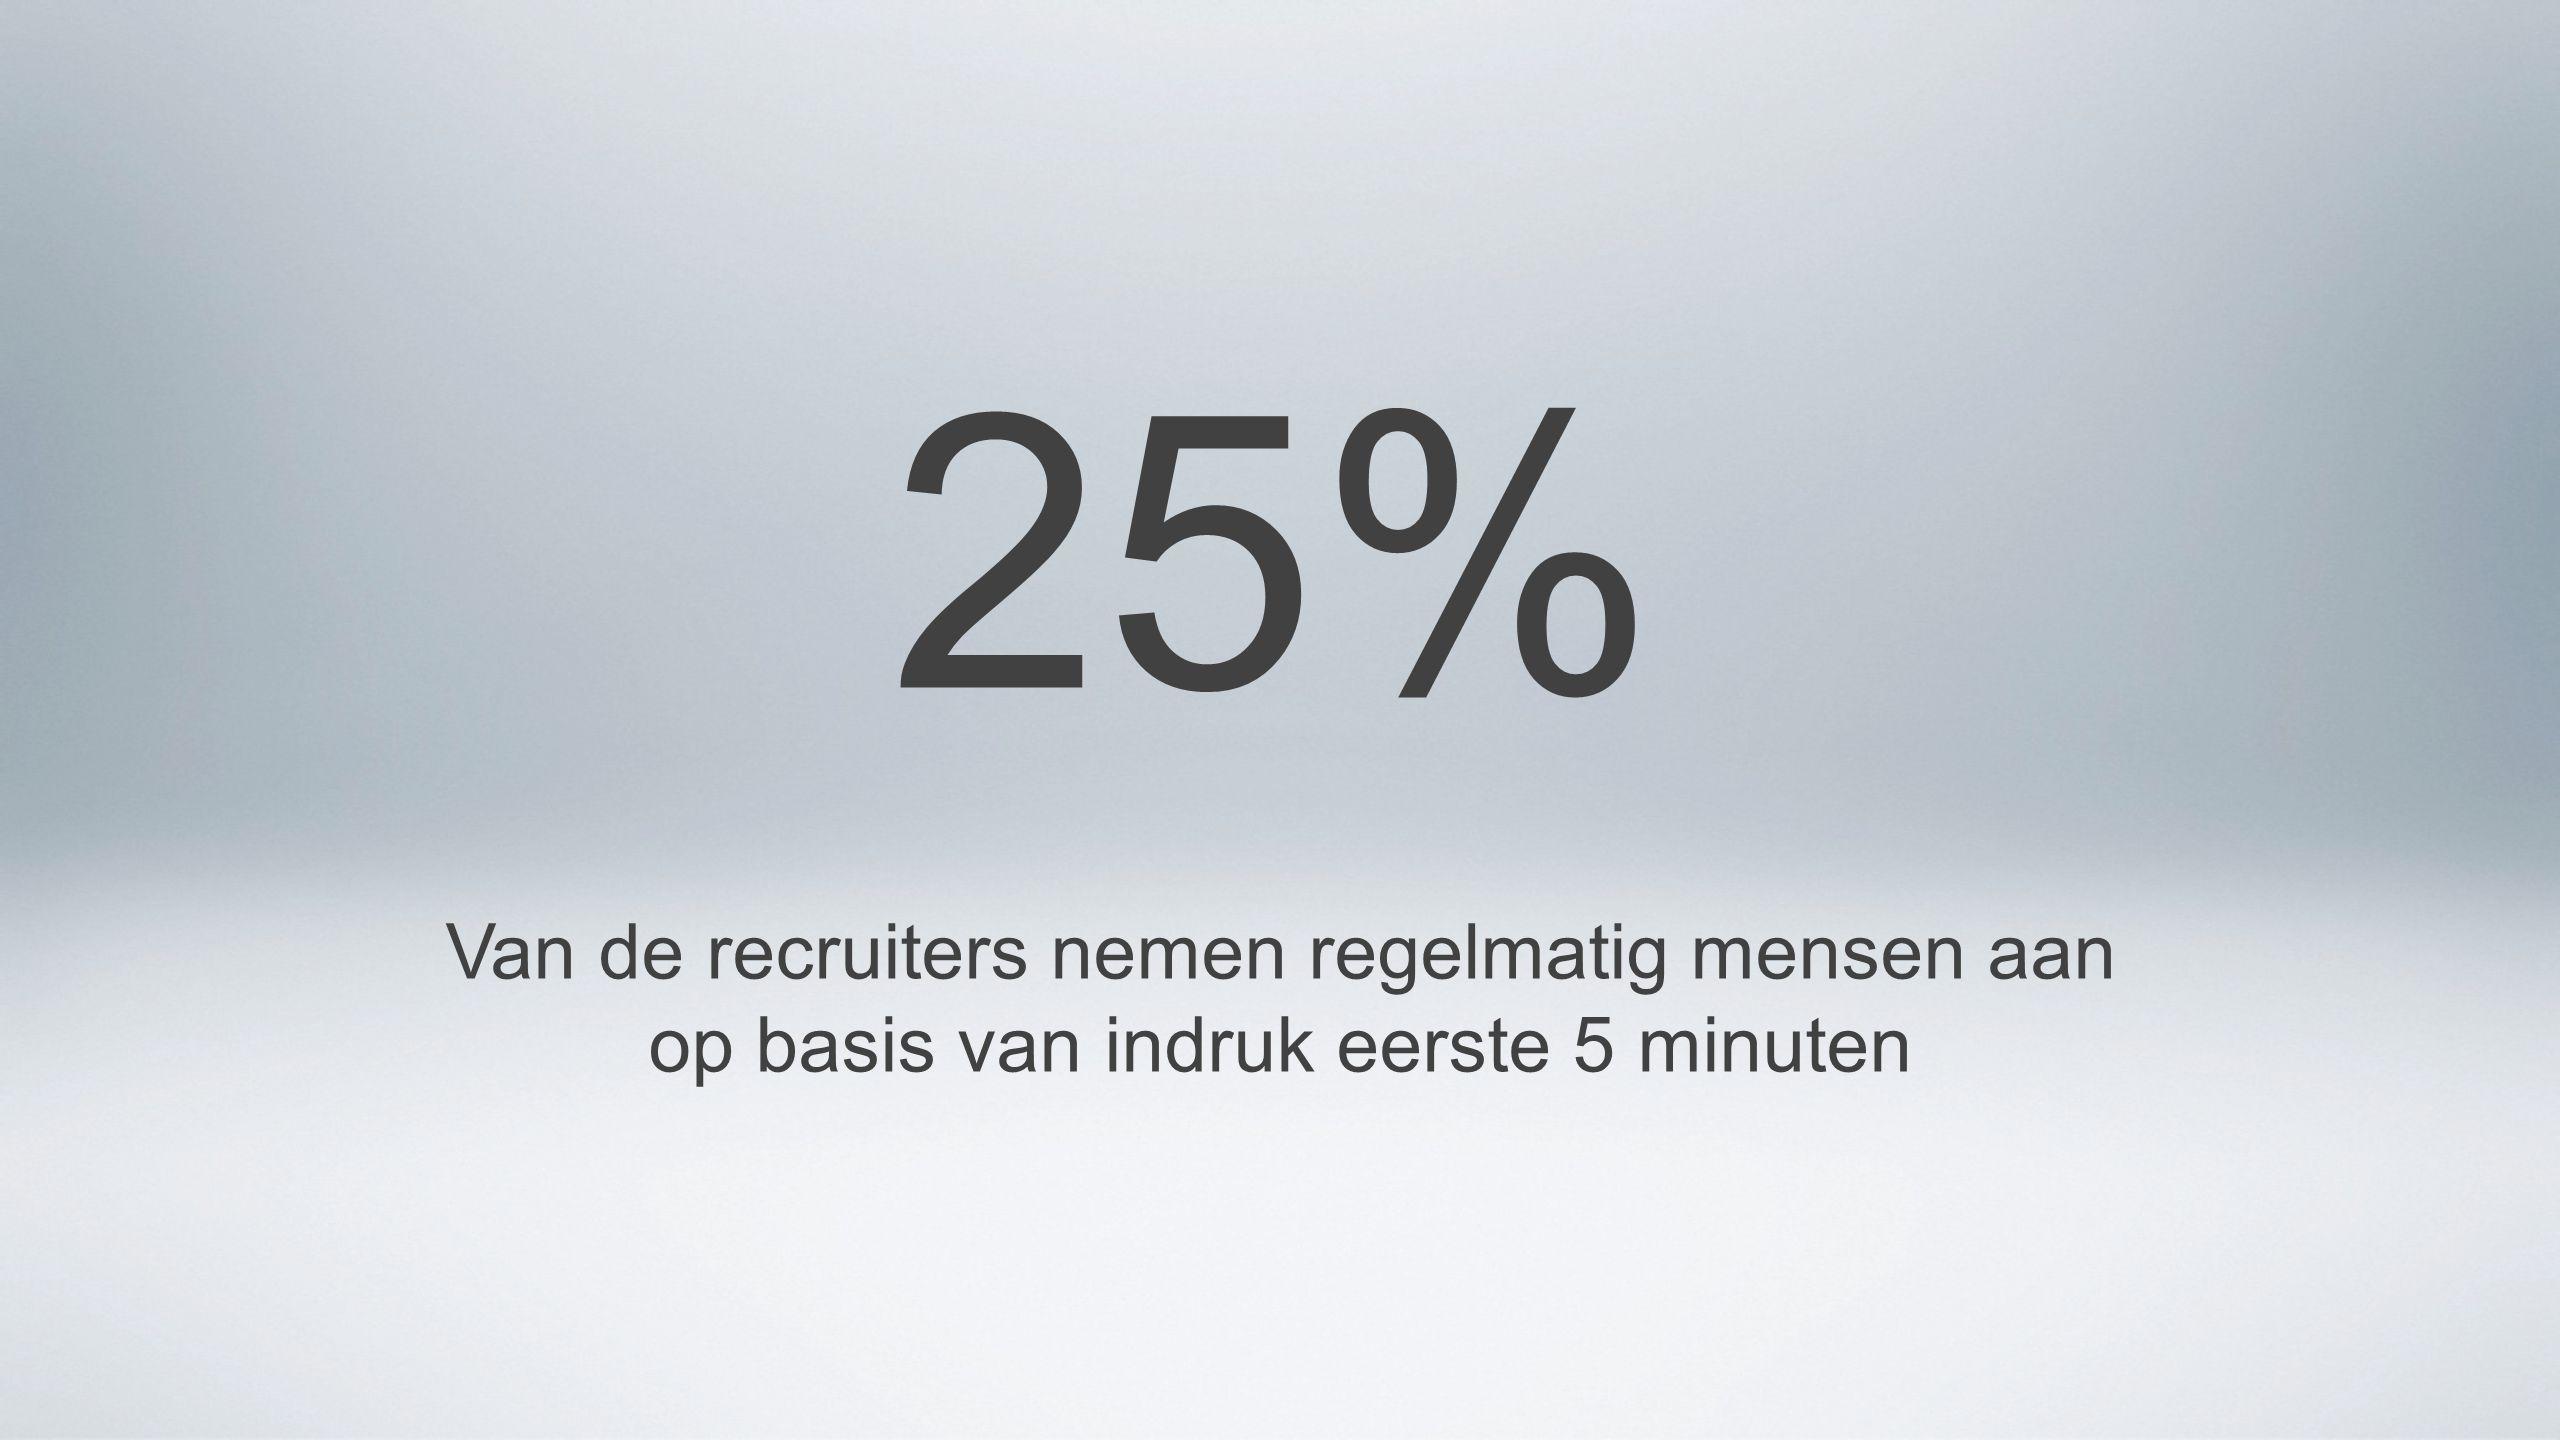 25% Van de recruiters nemen regelmatig mensen aan op basis van indruk eerste 5 minuten